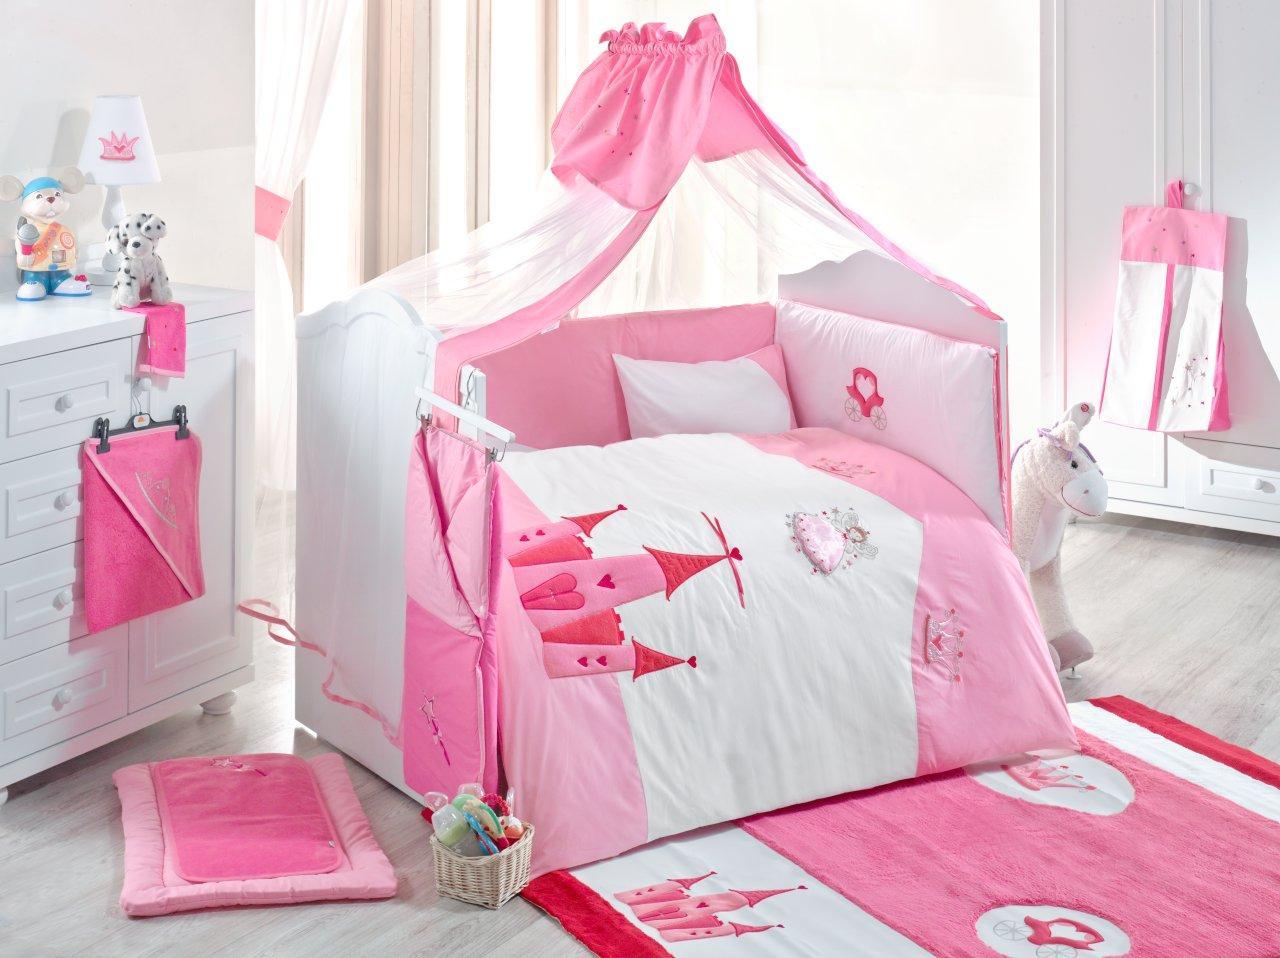 Балдахин серии Little Princess, 150 х 450 смДетское постельное белье<br>Балдахин серии Little Princess, 150 х 450 см<br>